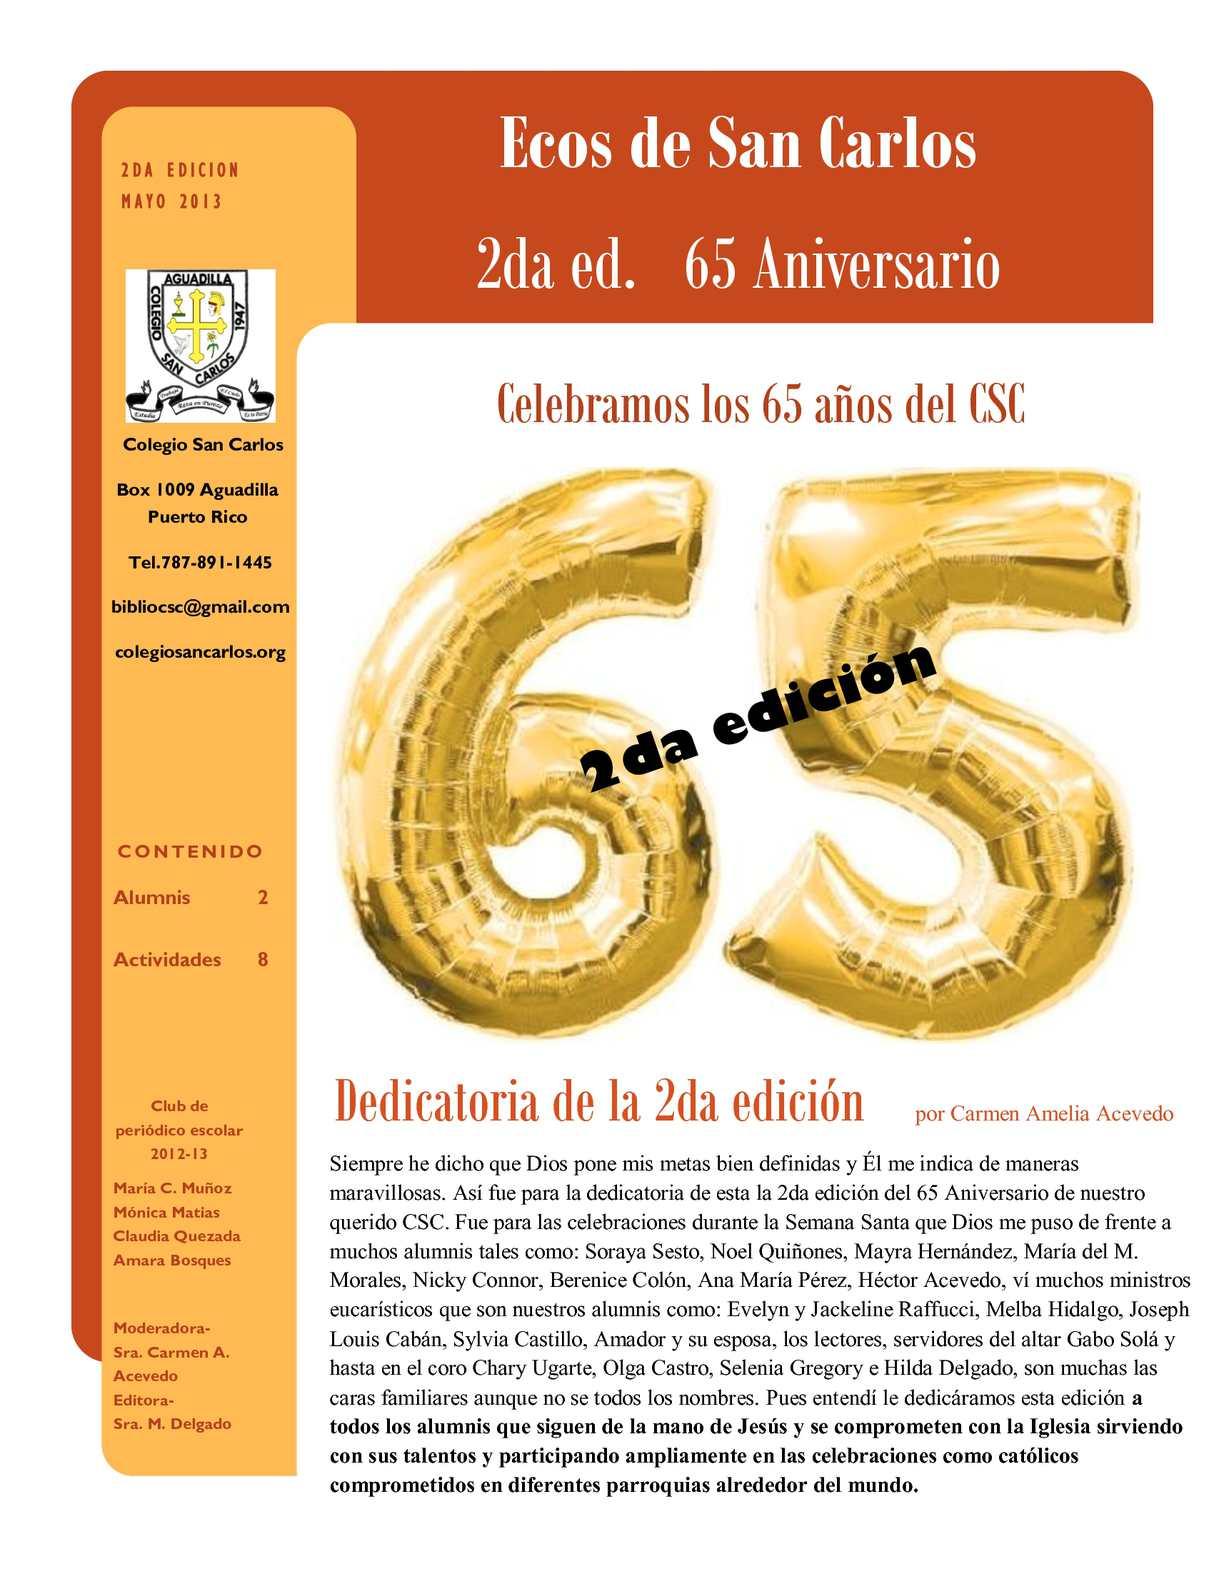 Calaméo - Ecos de San Carlos 2da ed. 65 Aniversario